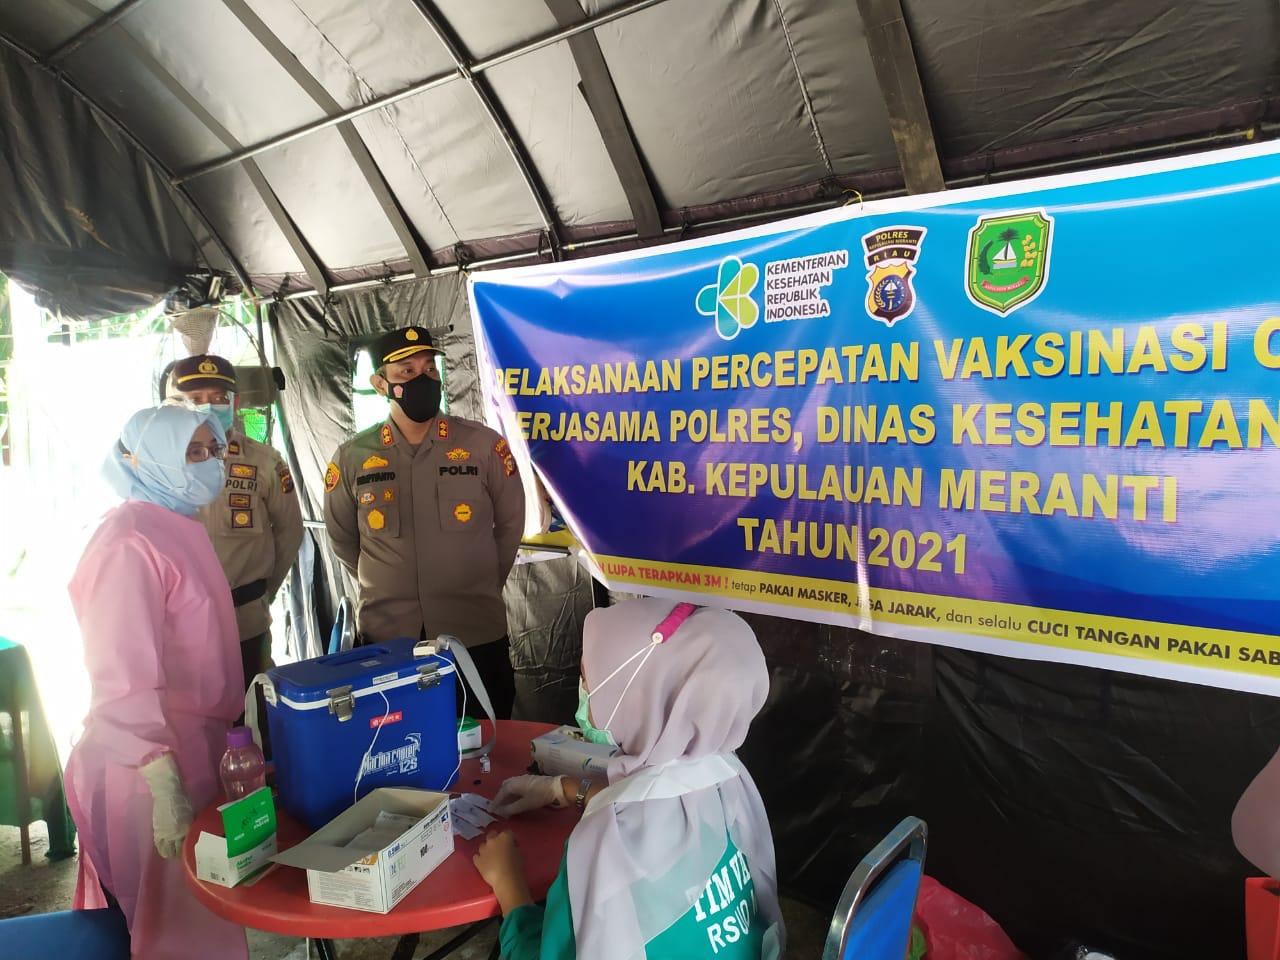 Kapolres Kepulauan Meranti, AKBP Eko Wimpiyanto Hardjito SIk saat meninjau percepatan vaksinasi di Taman Cik Puan, Selatpanjang